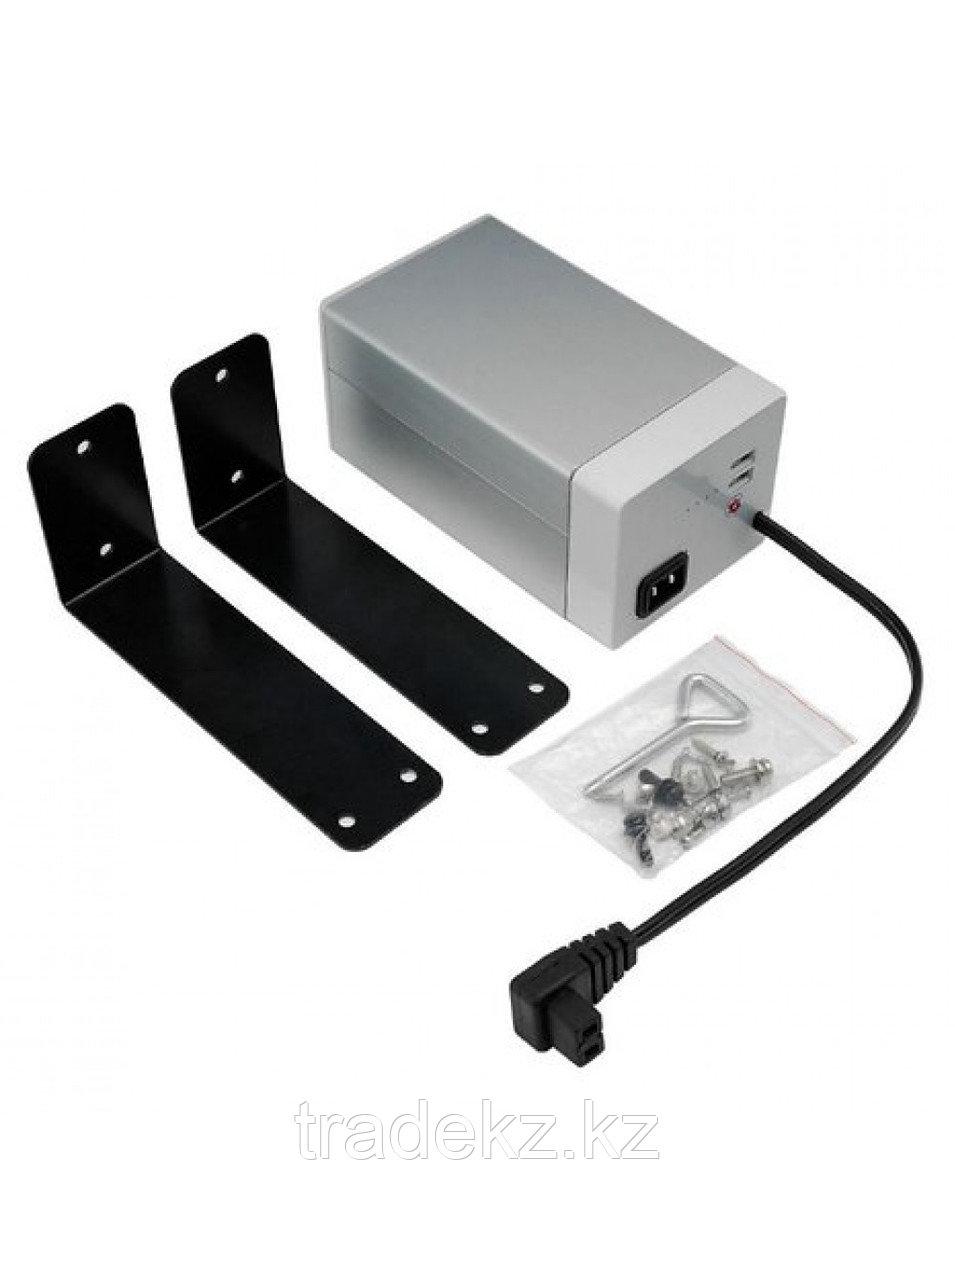 Автономная батарея для питания втомобильного холодильника